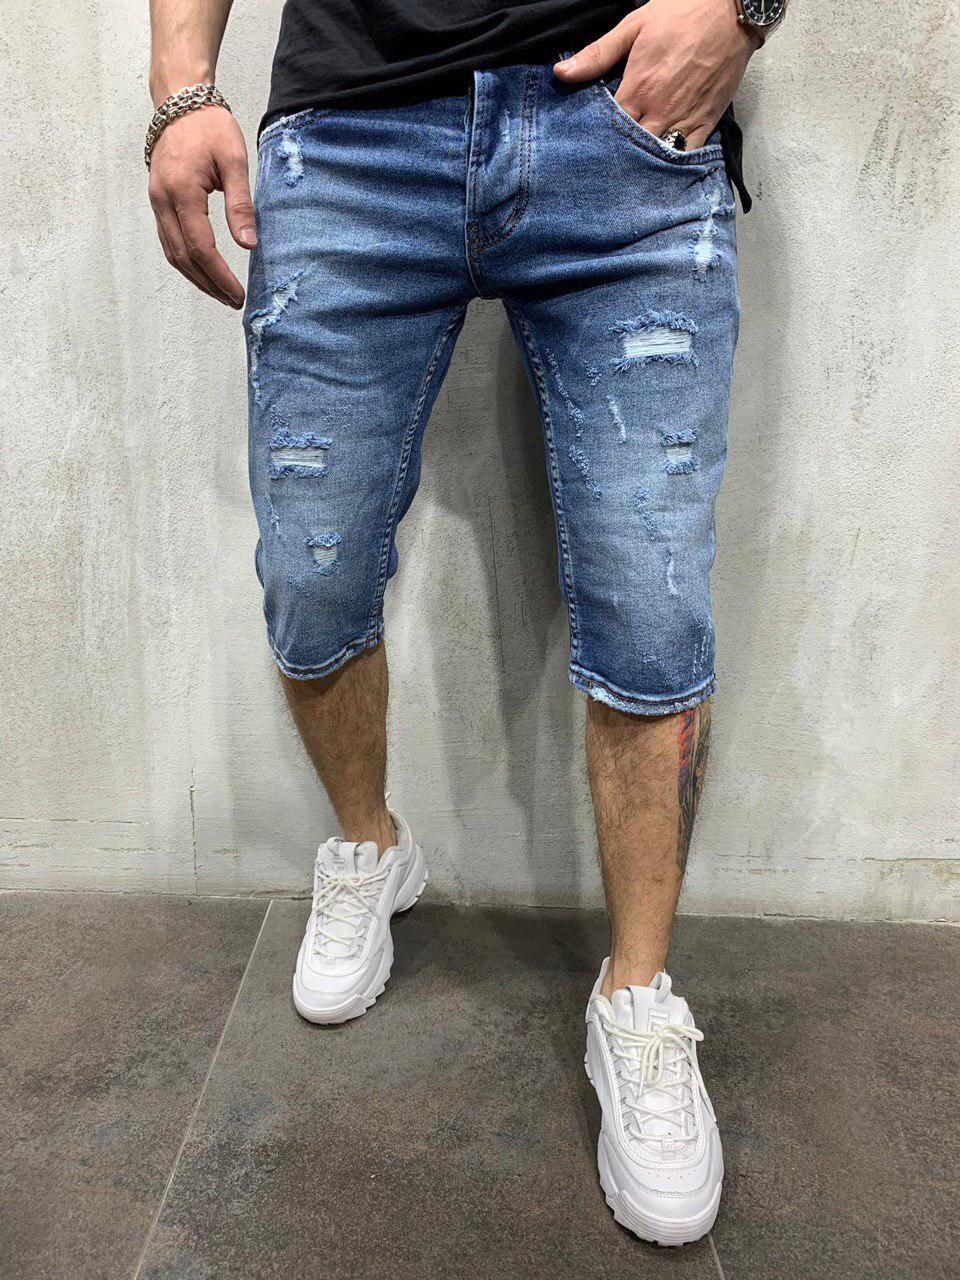 Мужские джинсовые шорты синие потертые 791